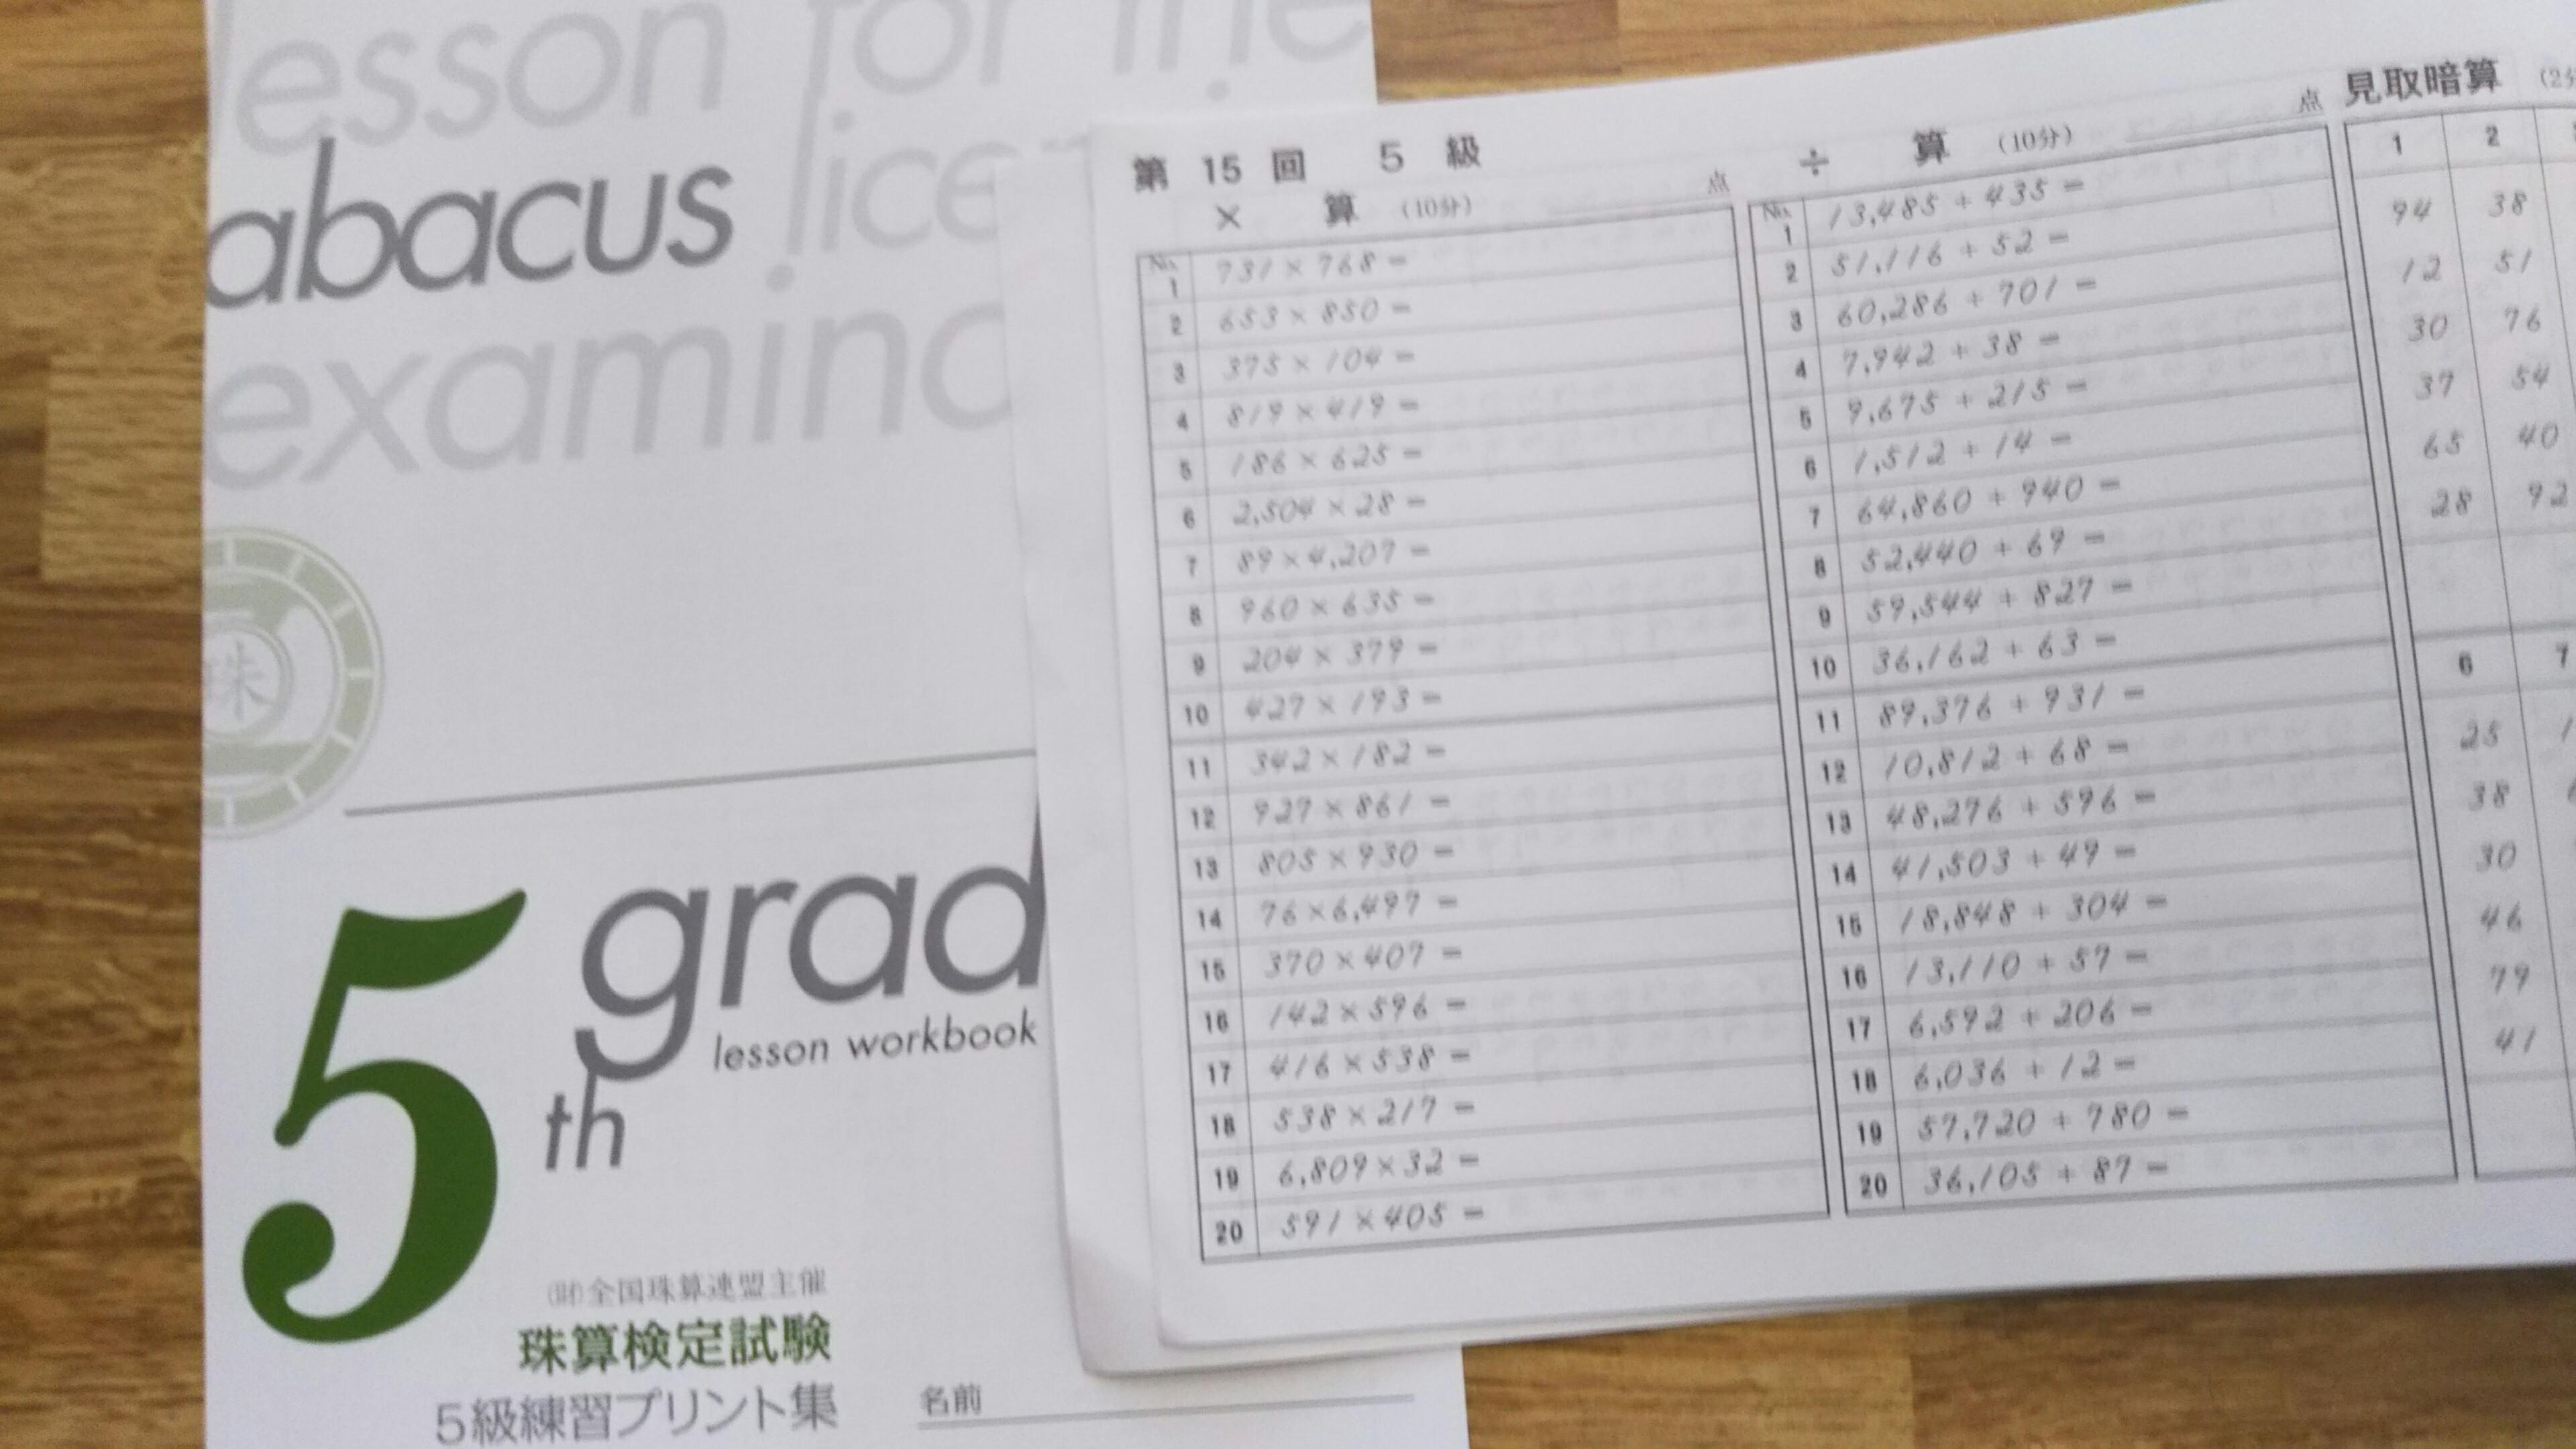 珠算6級から5級へ。次は大還元算ですよ~(笑)!